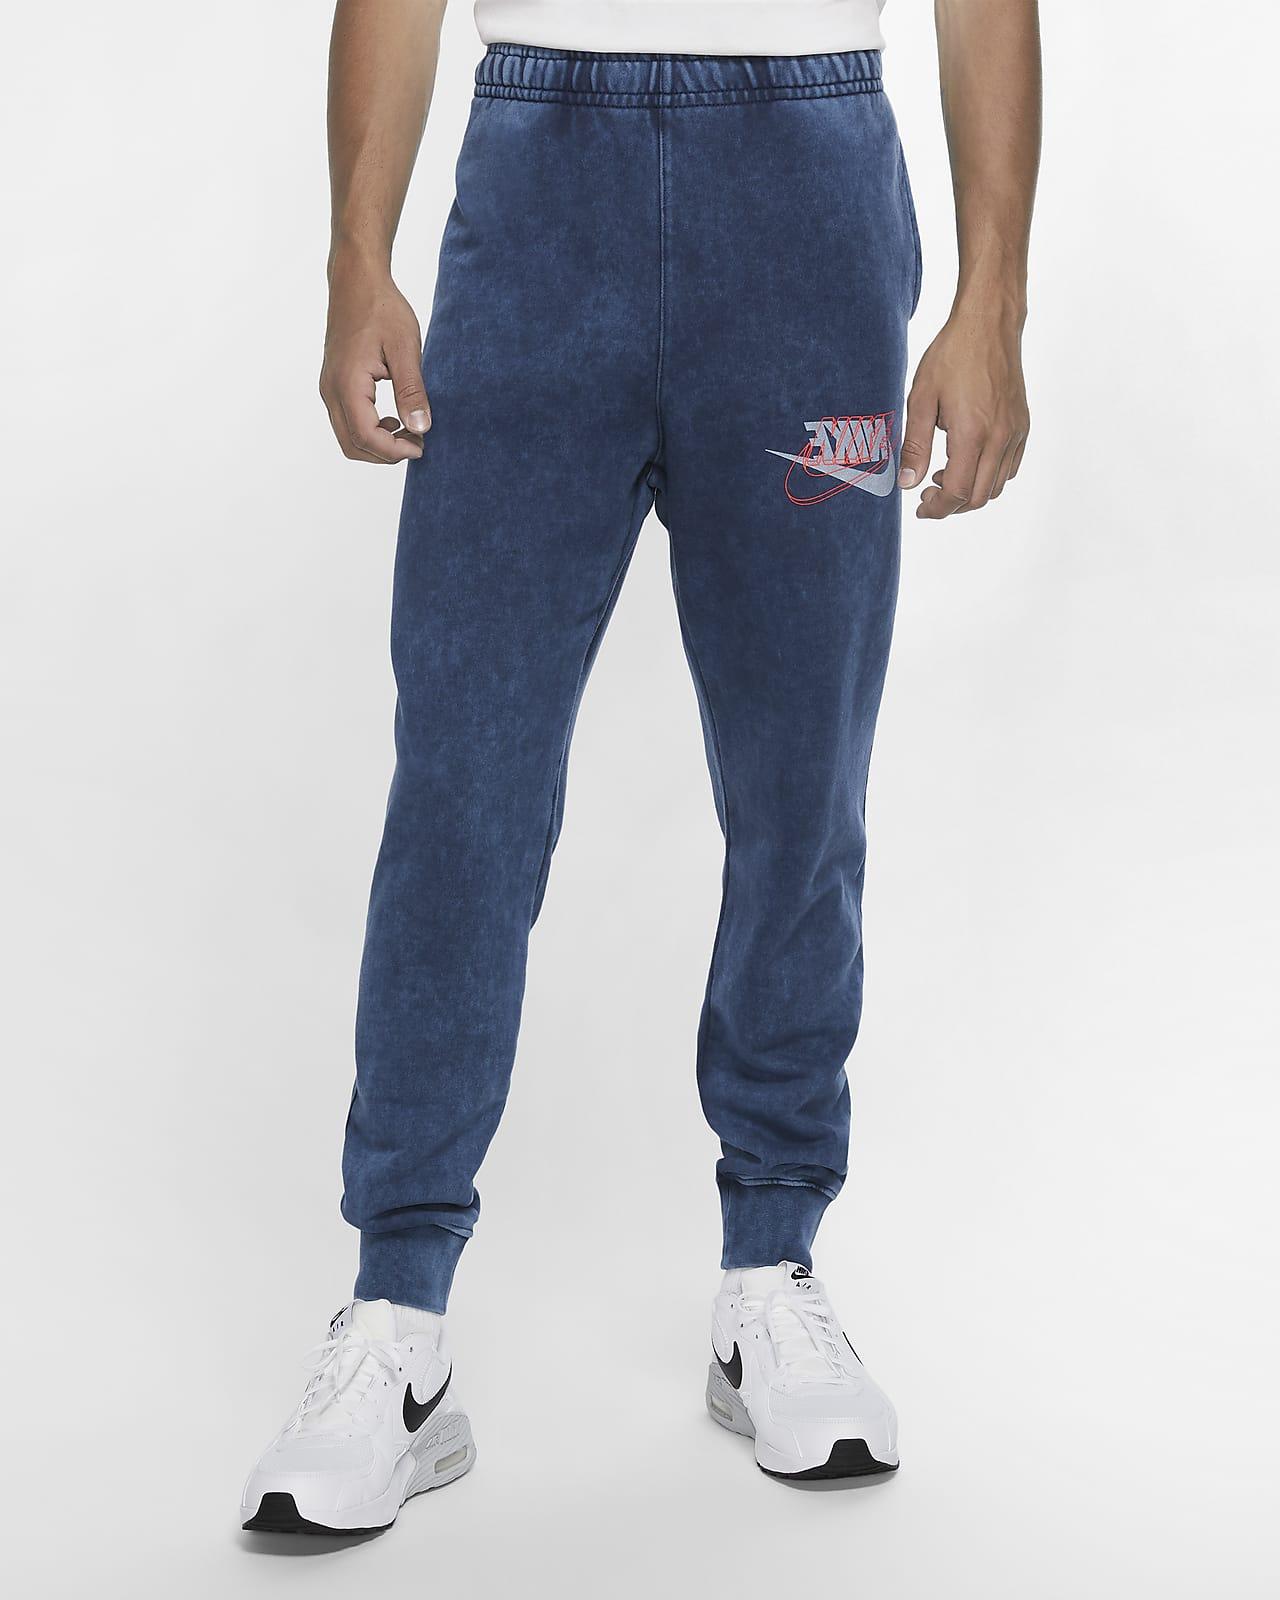 Nike Sportswear Fransız Havlu Kumaşı Erkek Jogger'ı